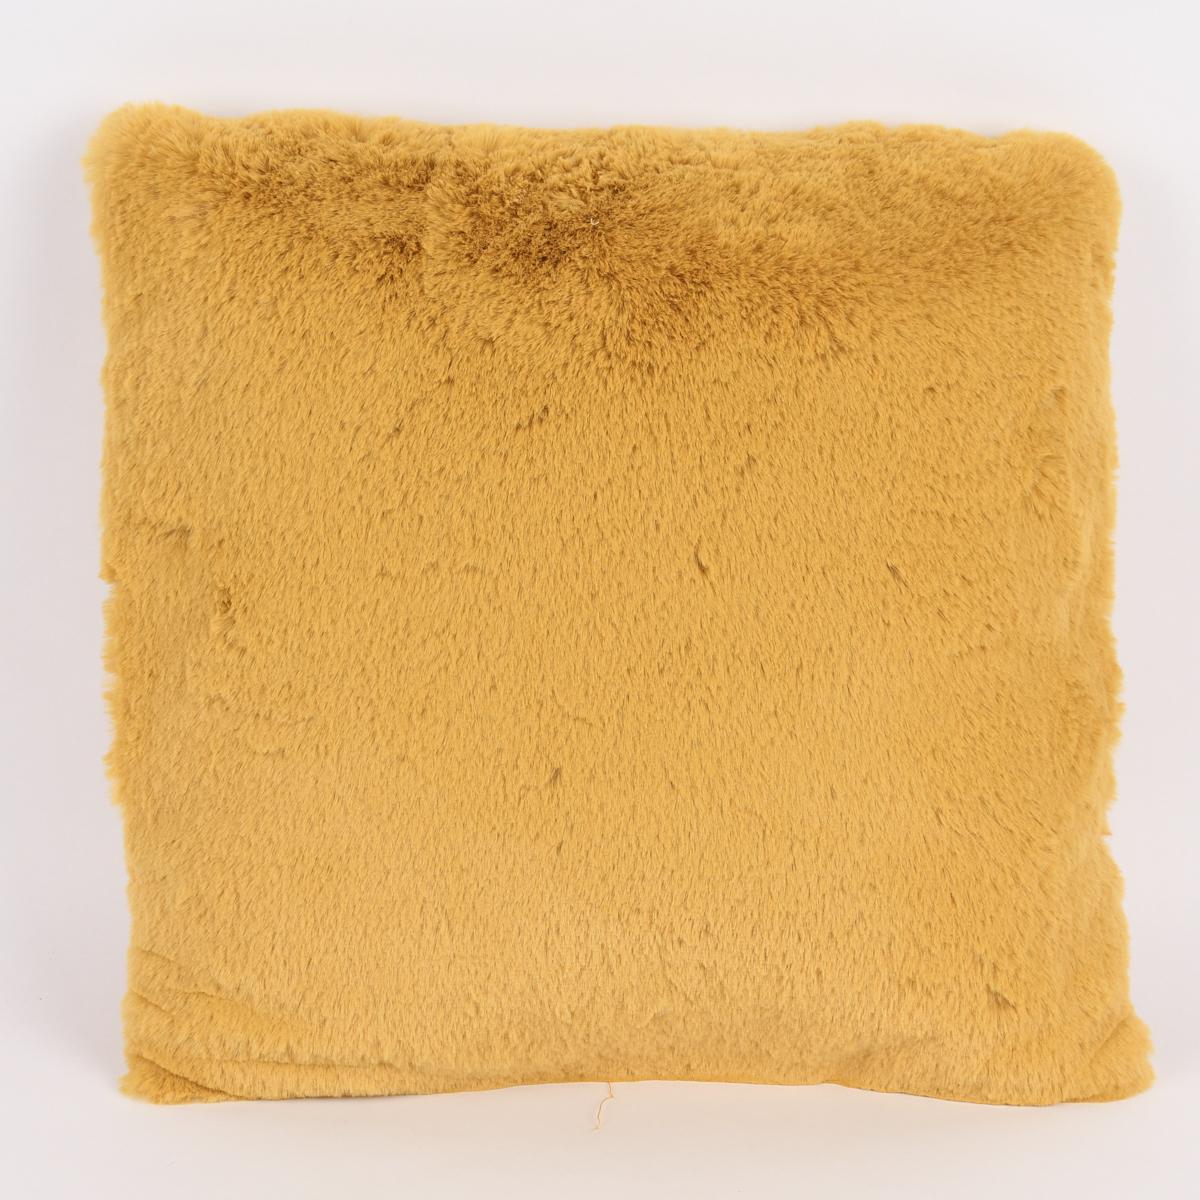 Deko Kuschelkissen Plüsch einfarbig gelb 45x45cm